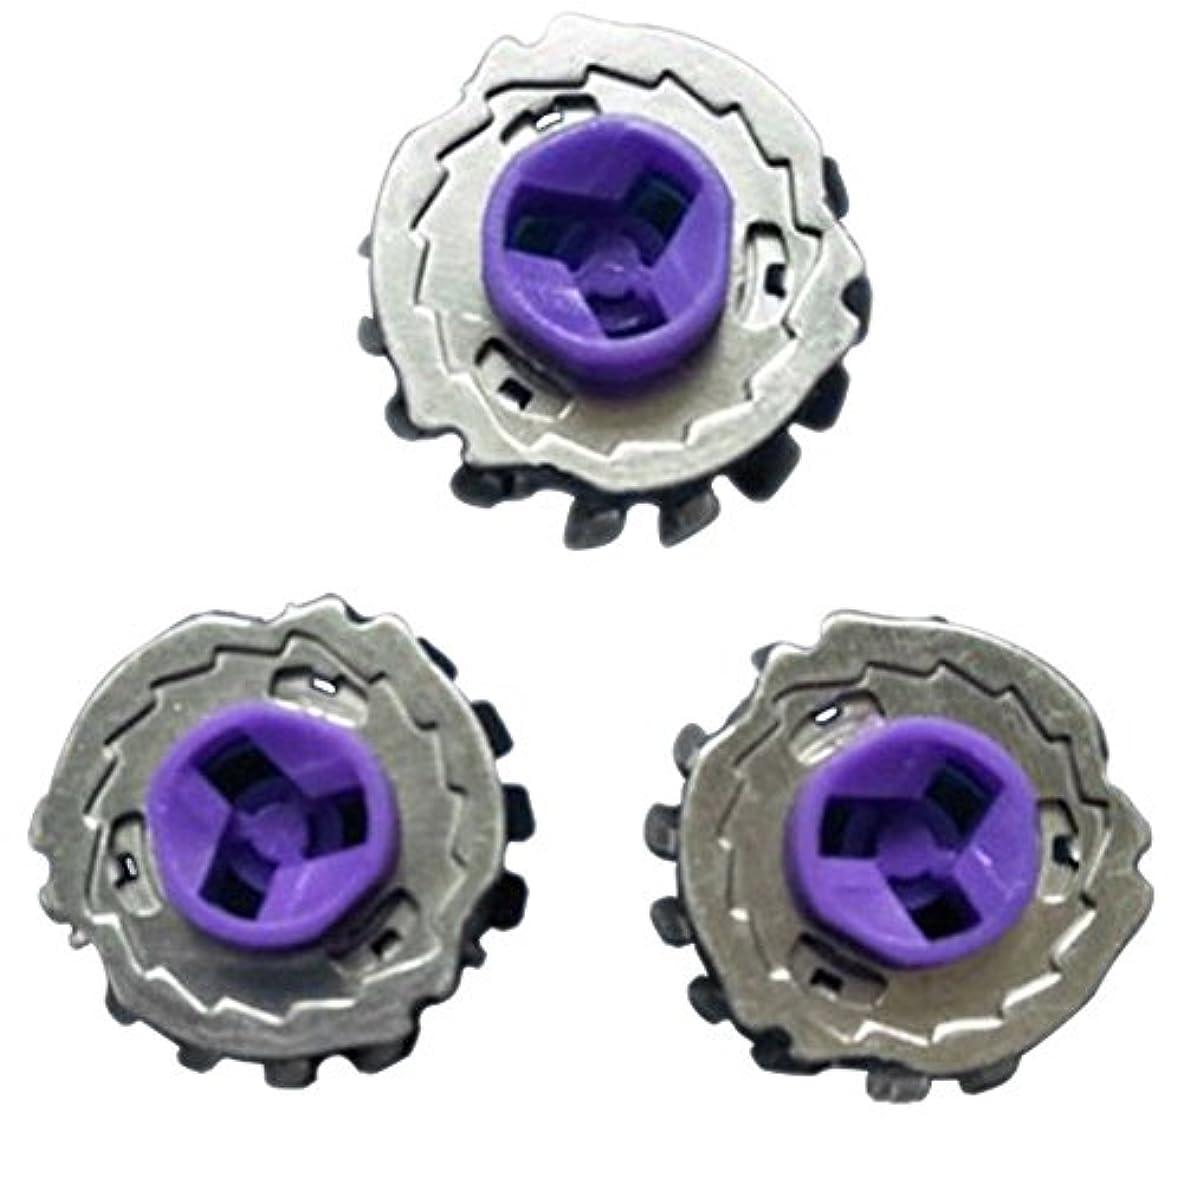 これらばかげているワットXinvision 置換 シェーバー 頭 カッター for Philips HQ5705 PT730 7183XL HQ8445 7800XL